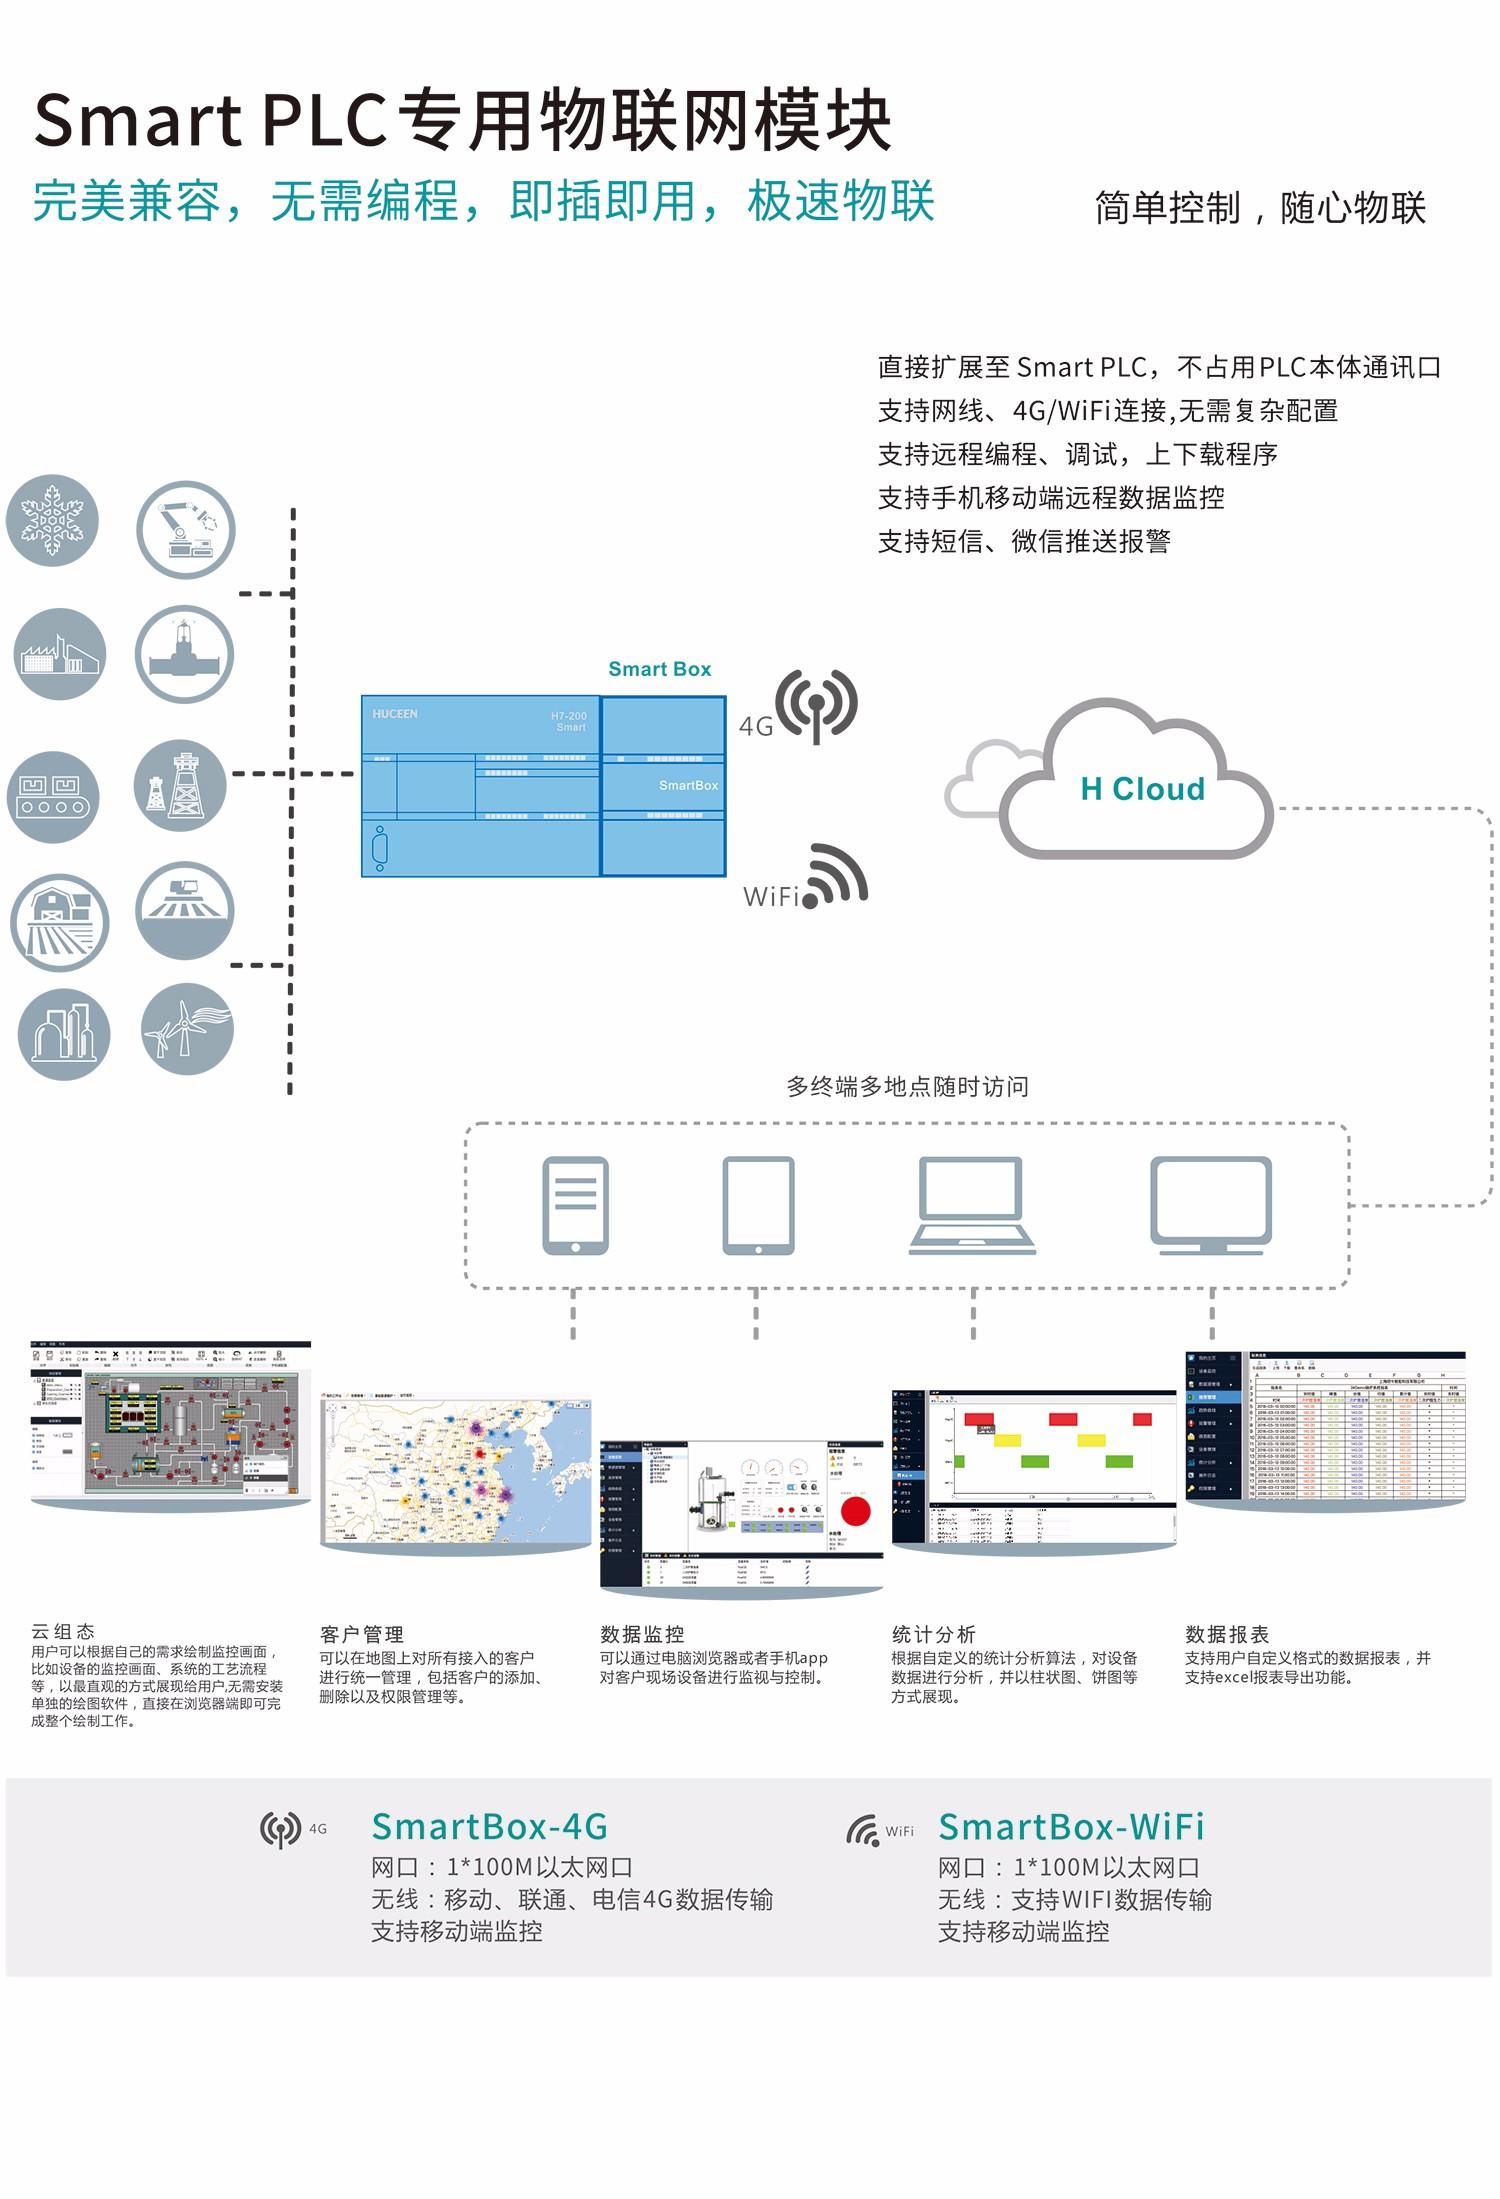 深圳市汇辰自动化技术有限公司|huceen